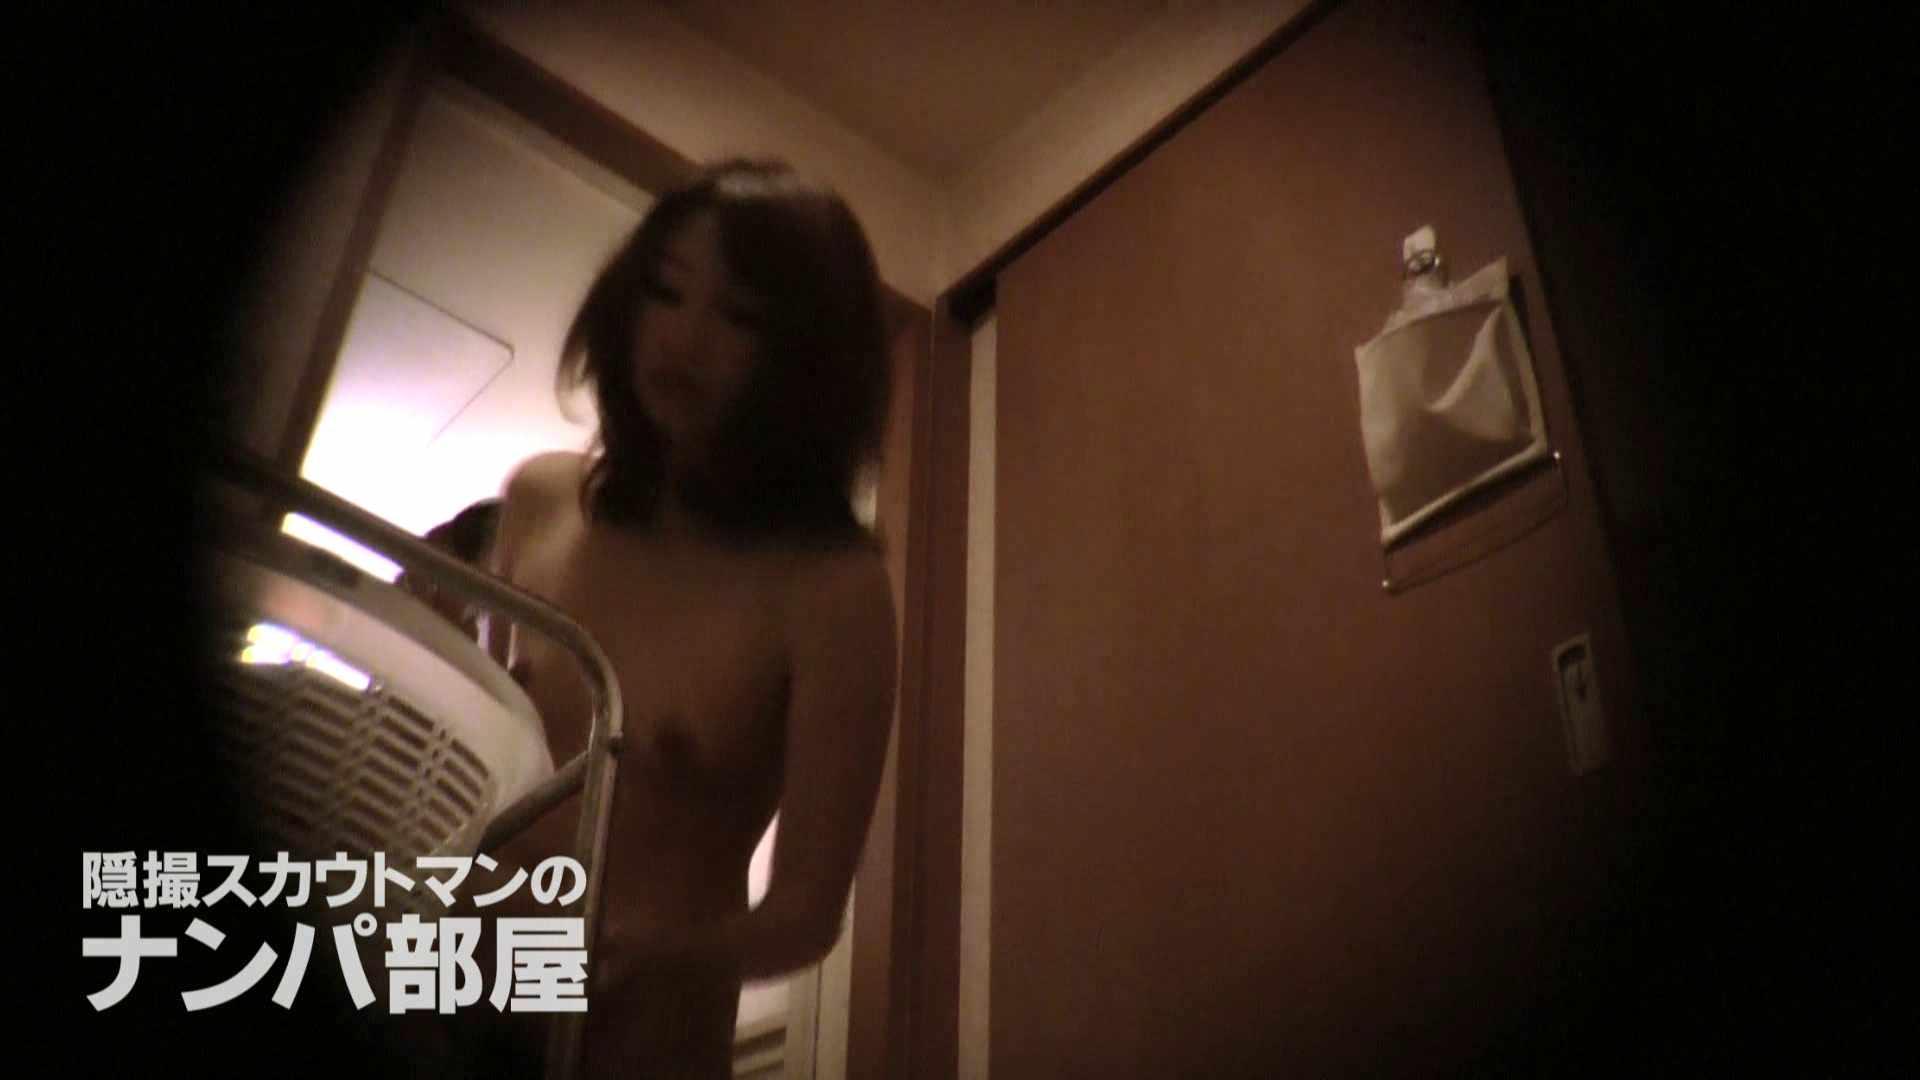 隠撮スカウトマンのナンパ部屋~風俗デビュー前のつまみ食い~ sii 隠撮   ナンパ  98pic 46